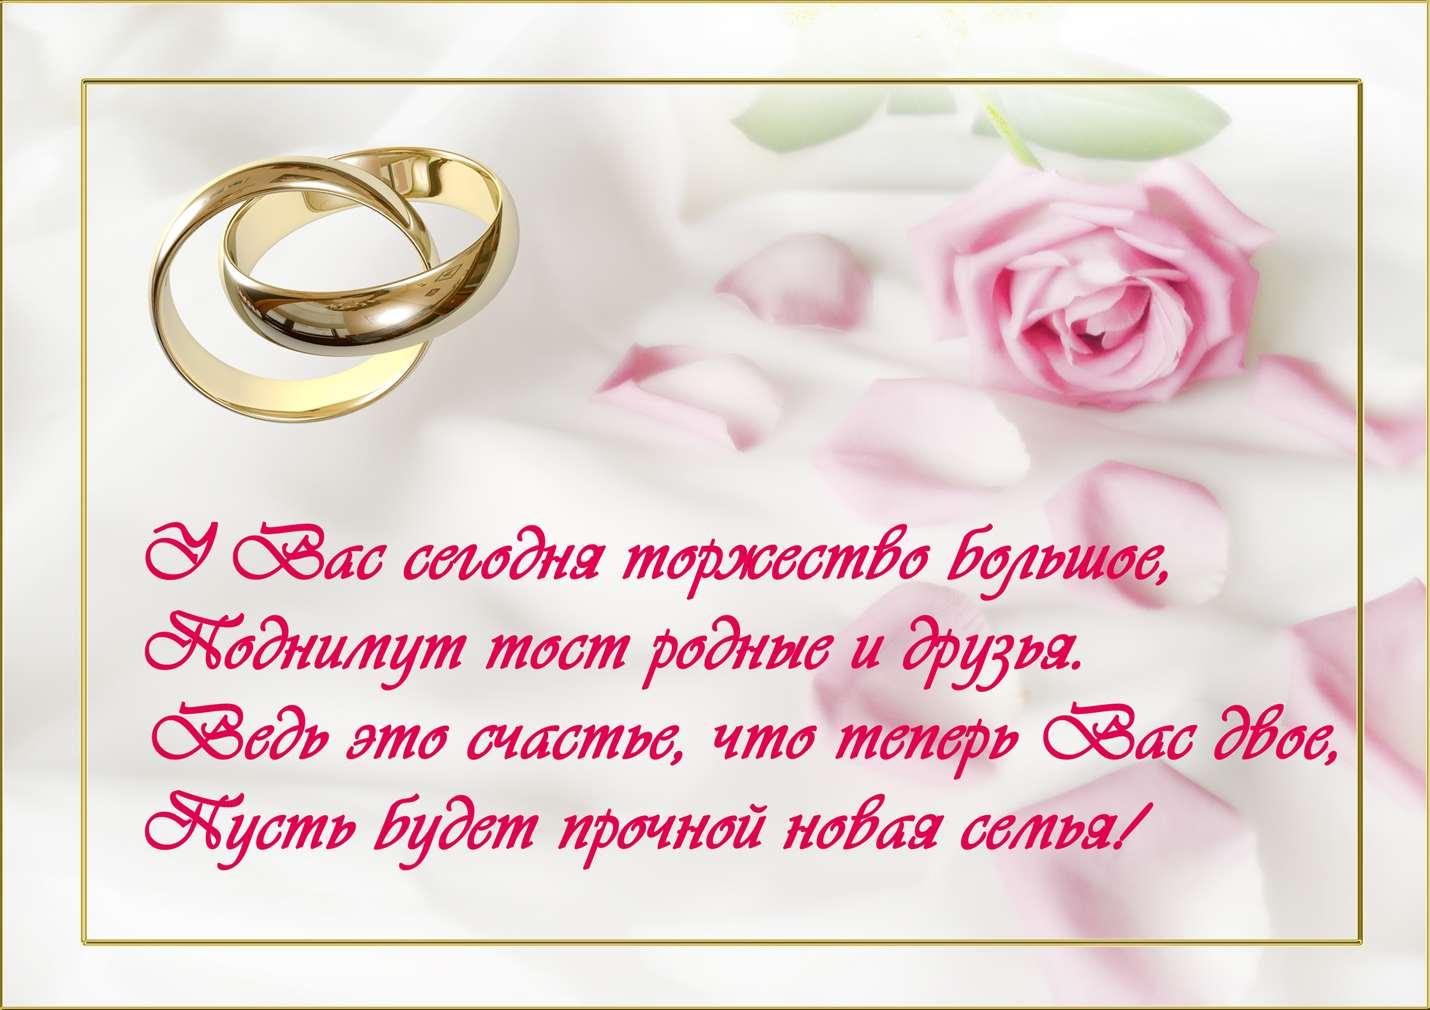 Поздравления в день свадьбы самое красивое